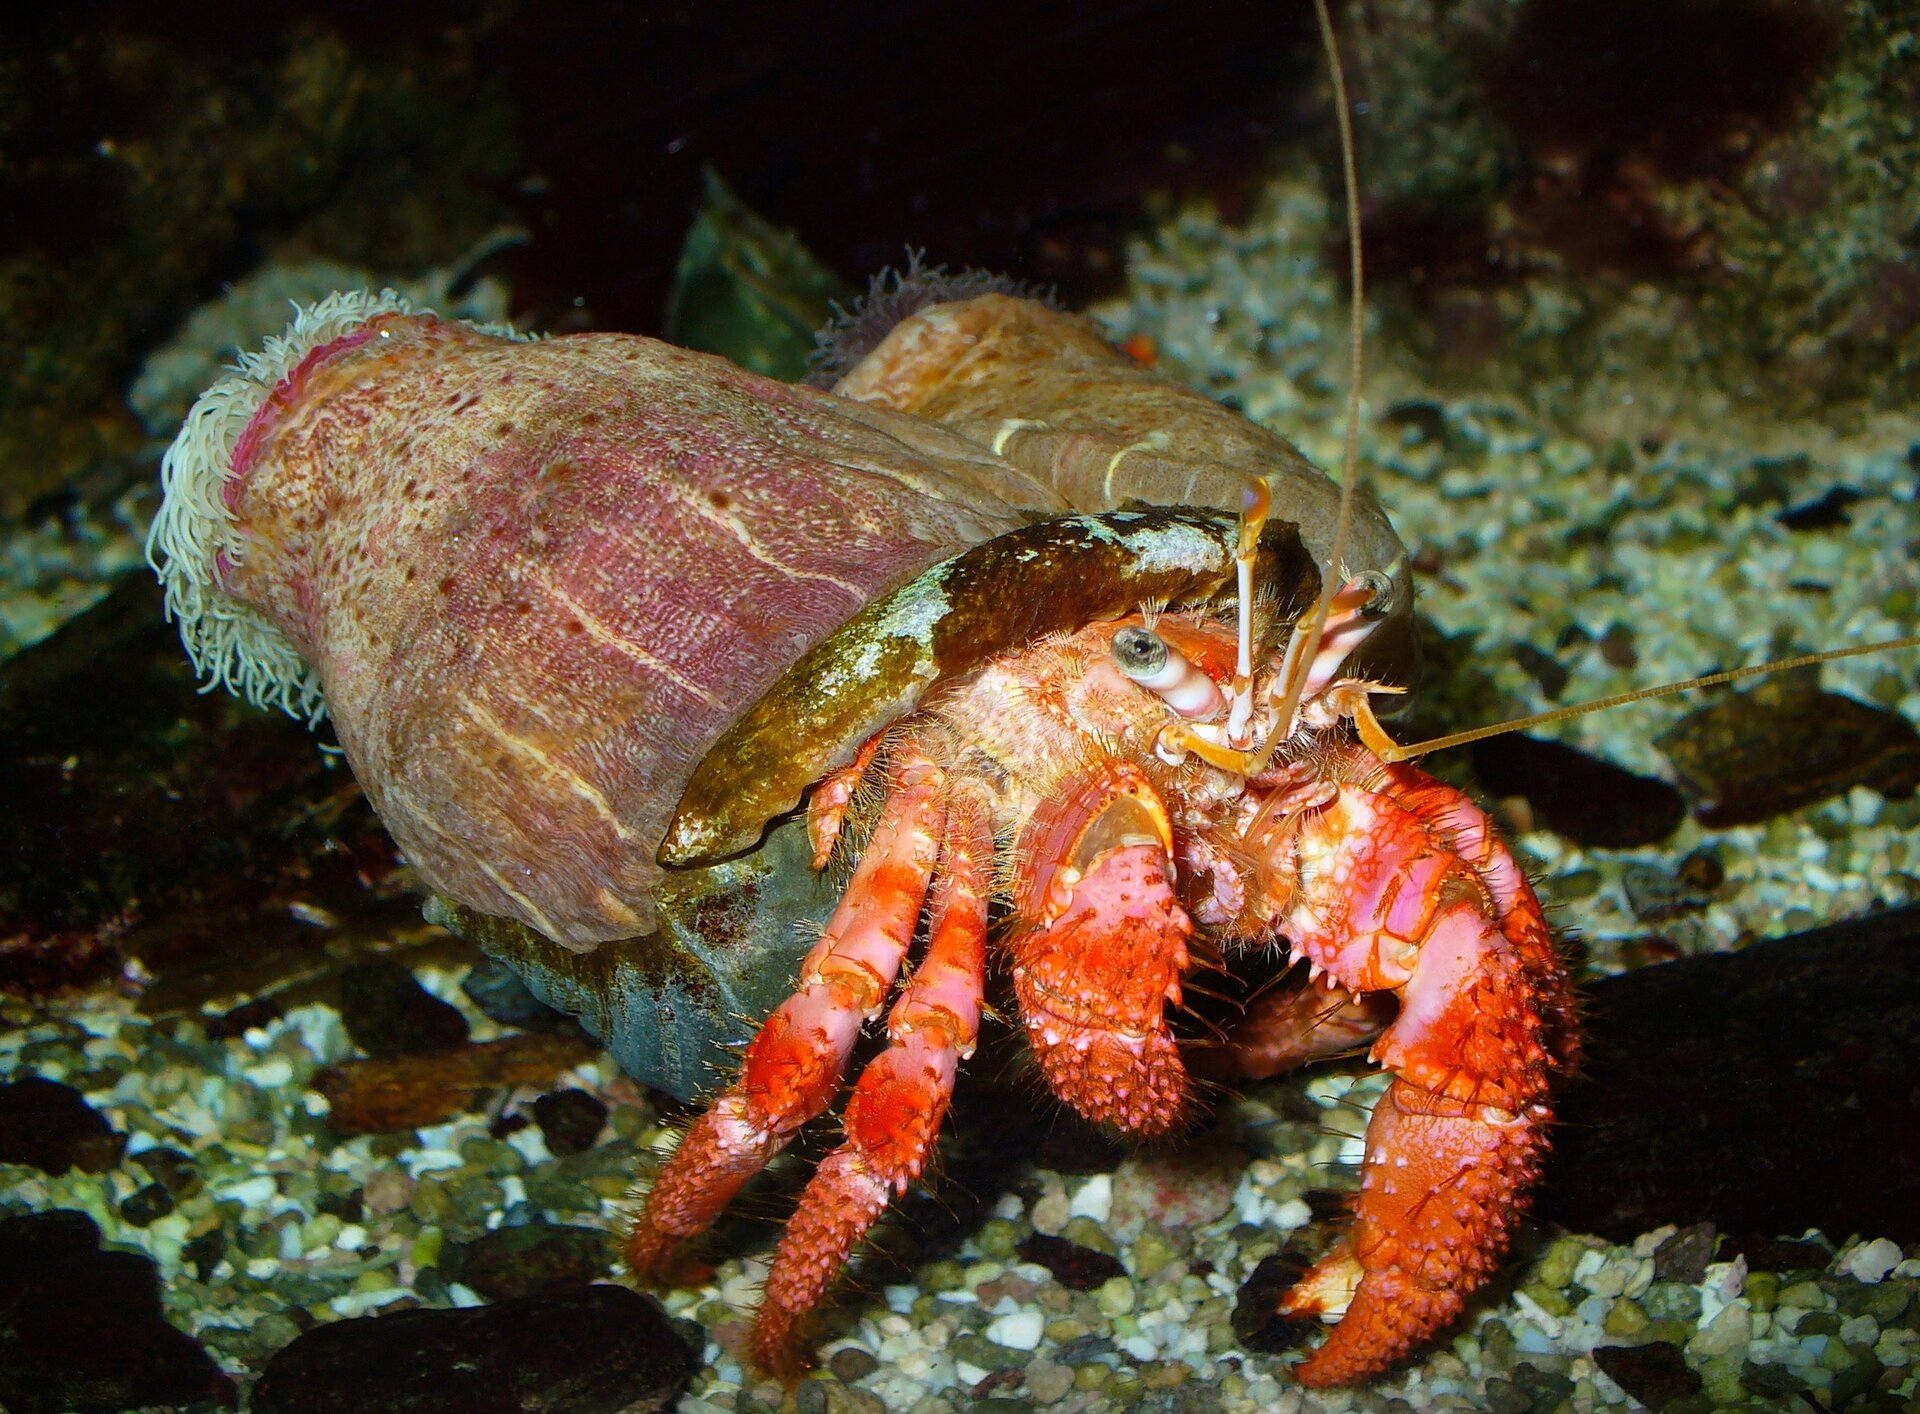 Fotografia przedstawia zbliżenie czerwonego kraba pustelnika wwodzie. Krab wychyla się zzajętej przez niego muszli. Na niej osadzone są dwa różowe ukwiały.